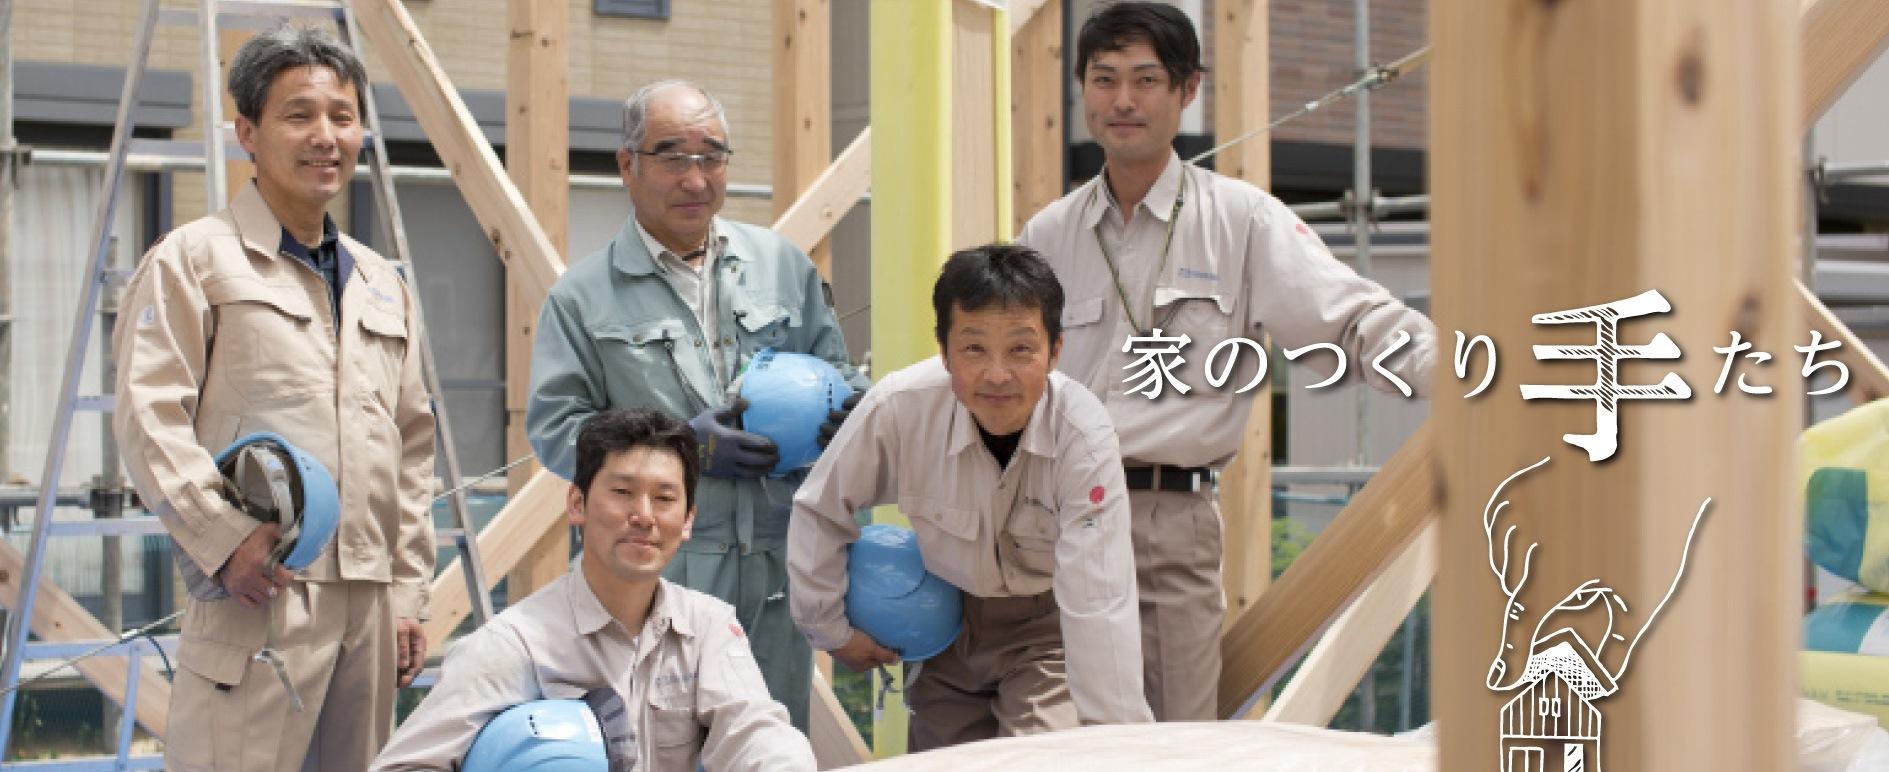 家の作り手たち